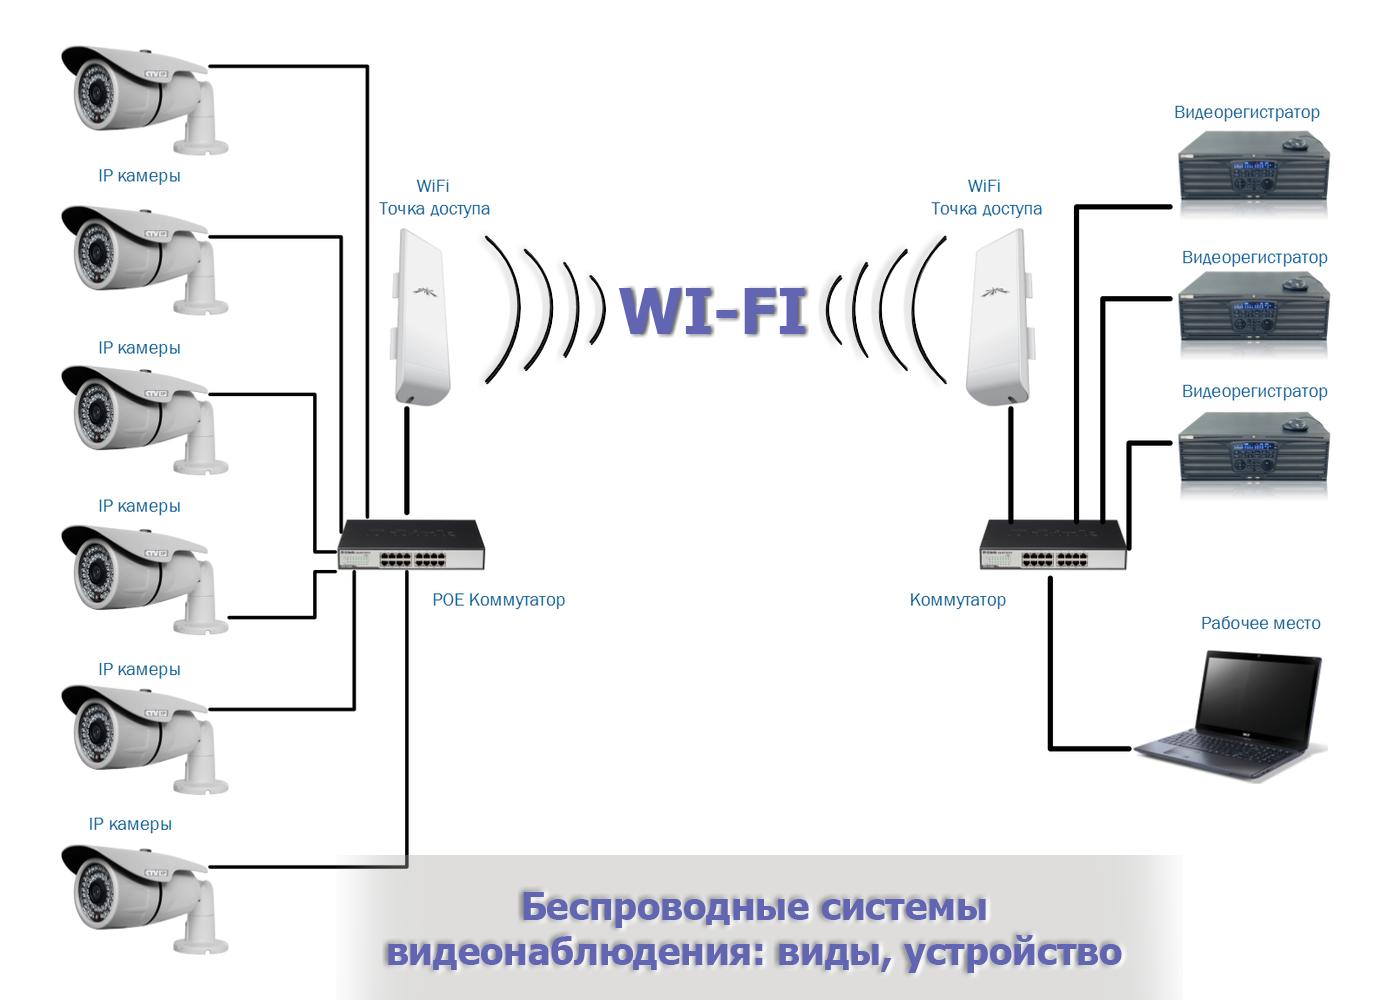 Принцып работы WIFI видеонаблюдения